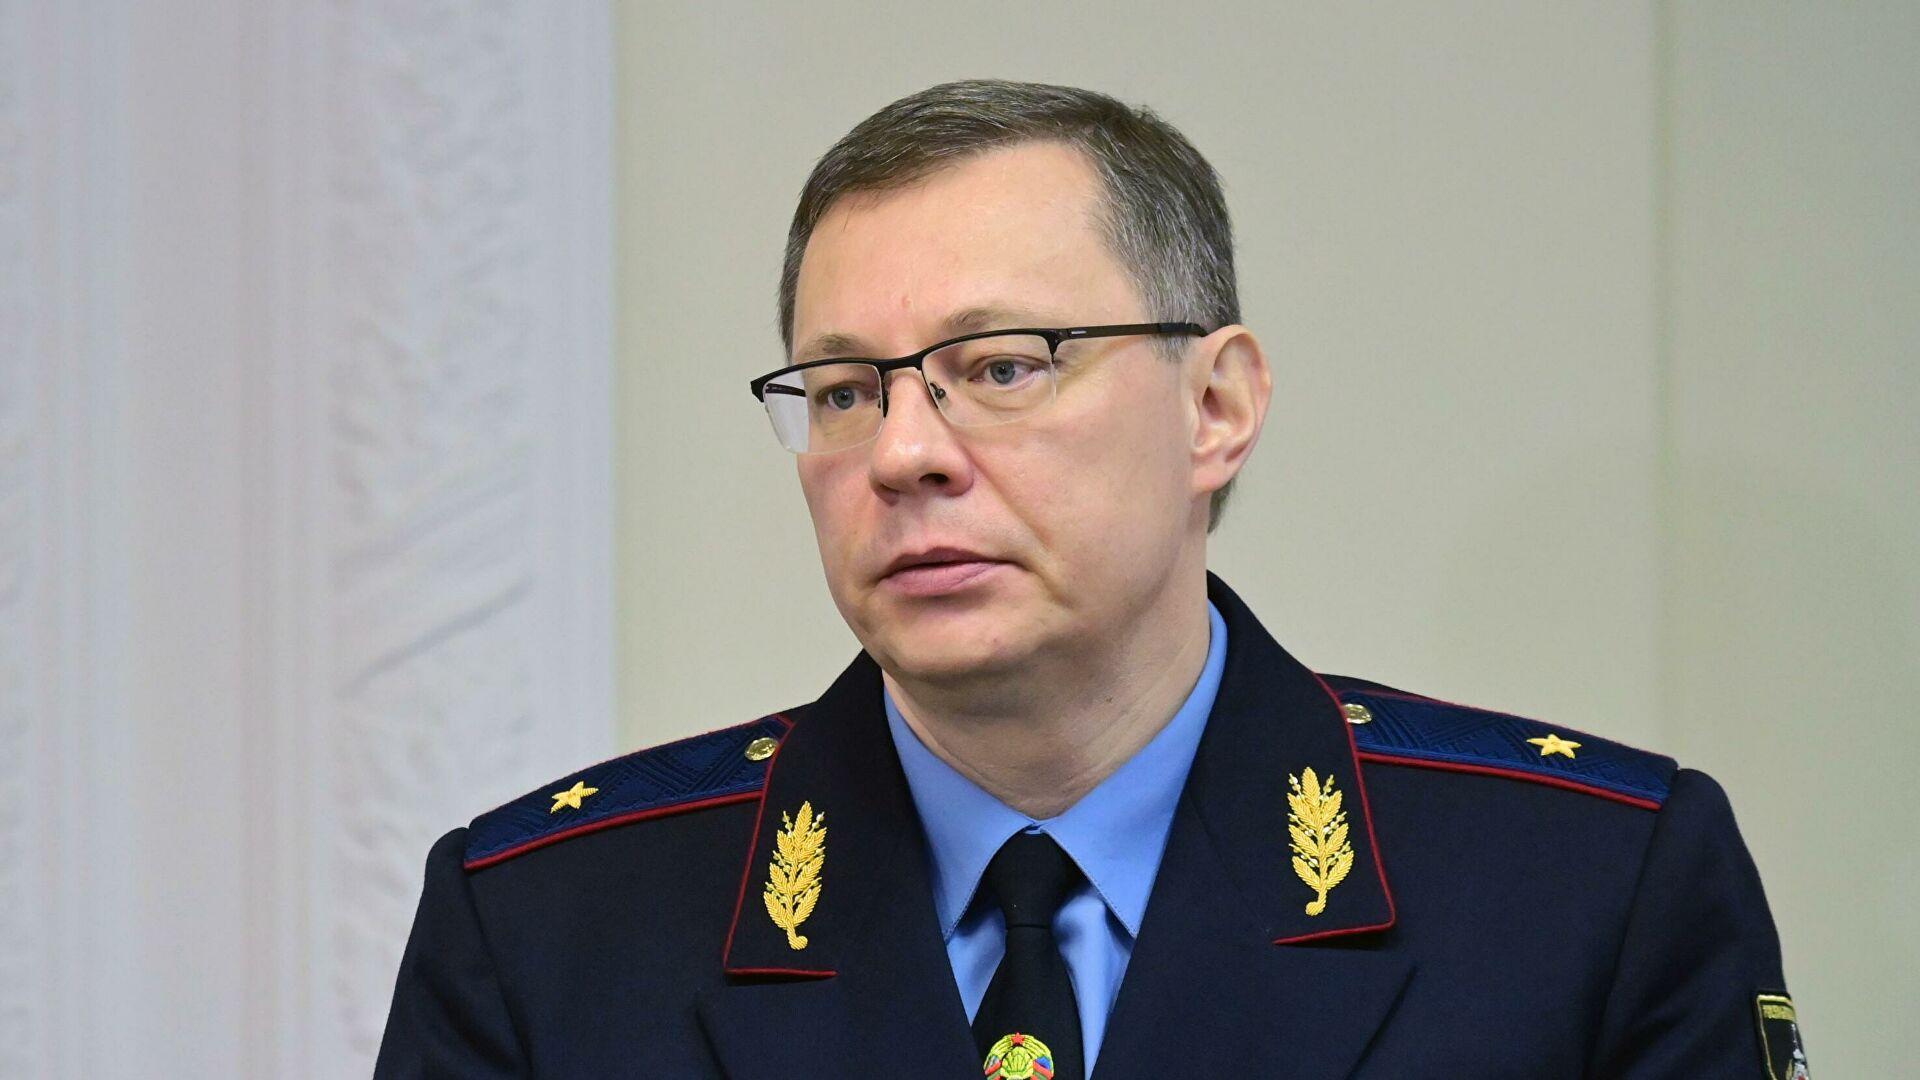 В Белоруссии открыли дело против мэра Риги и главы МИД Латвии